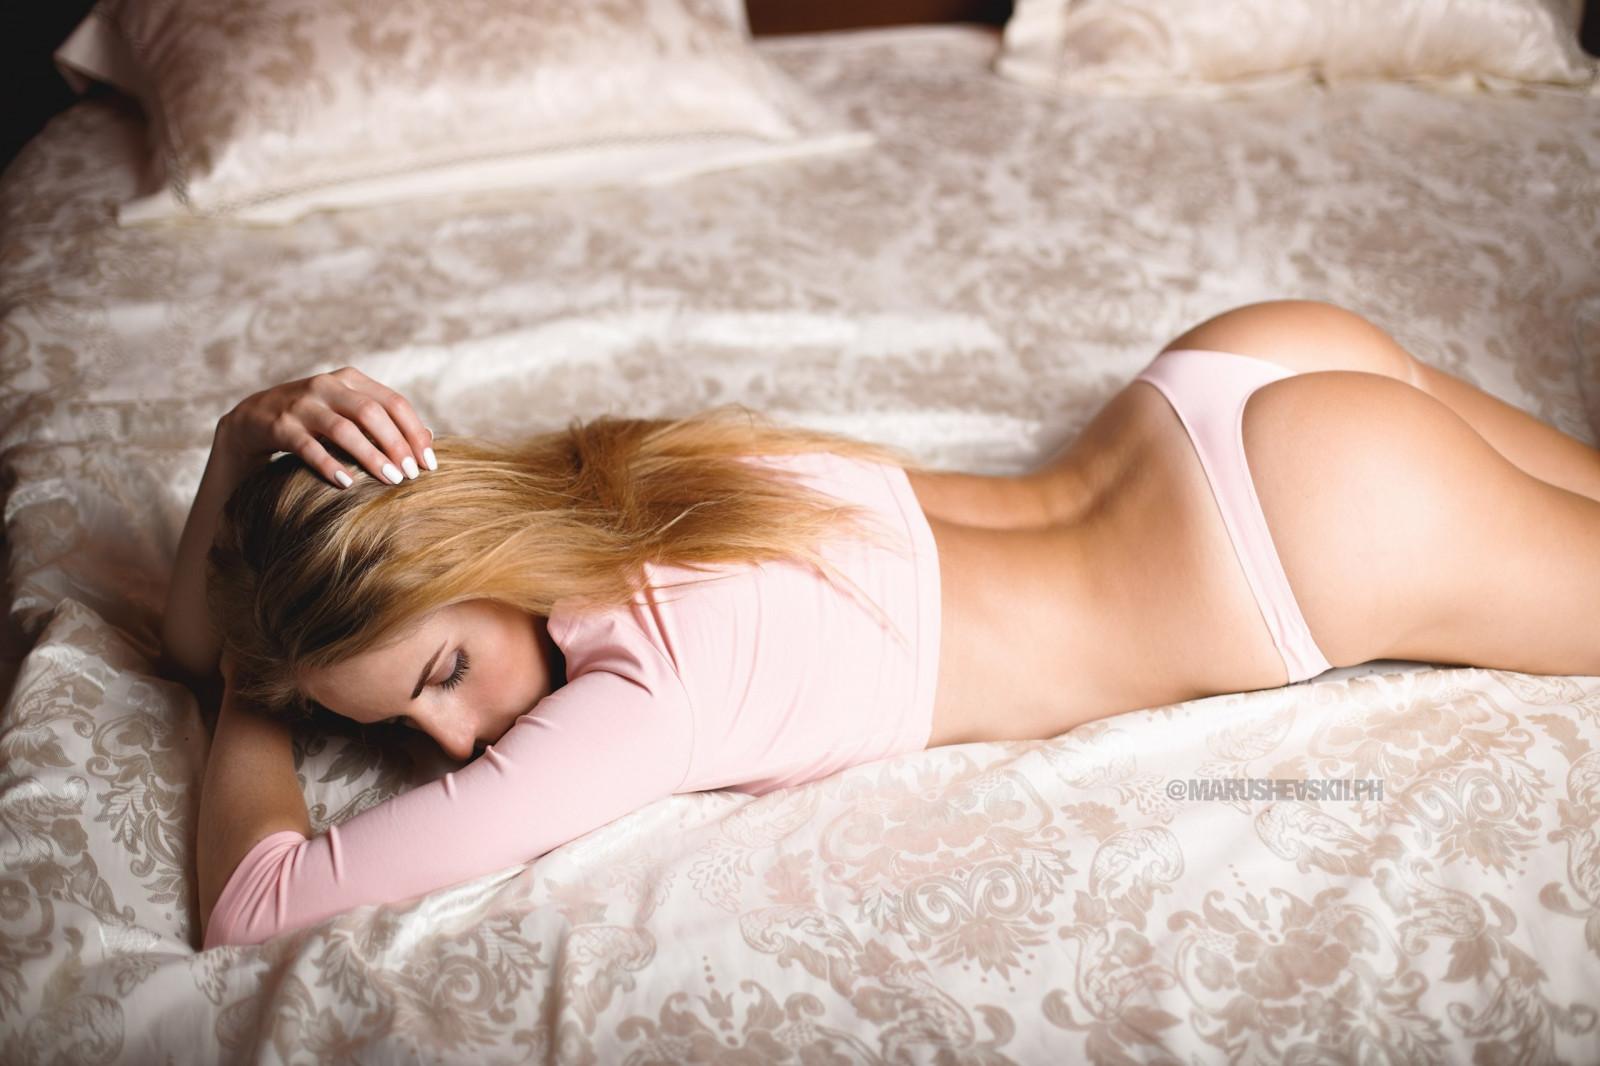 стройная блондинка на кровати отвага, способность отстаивать